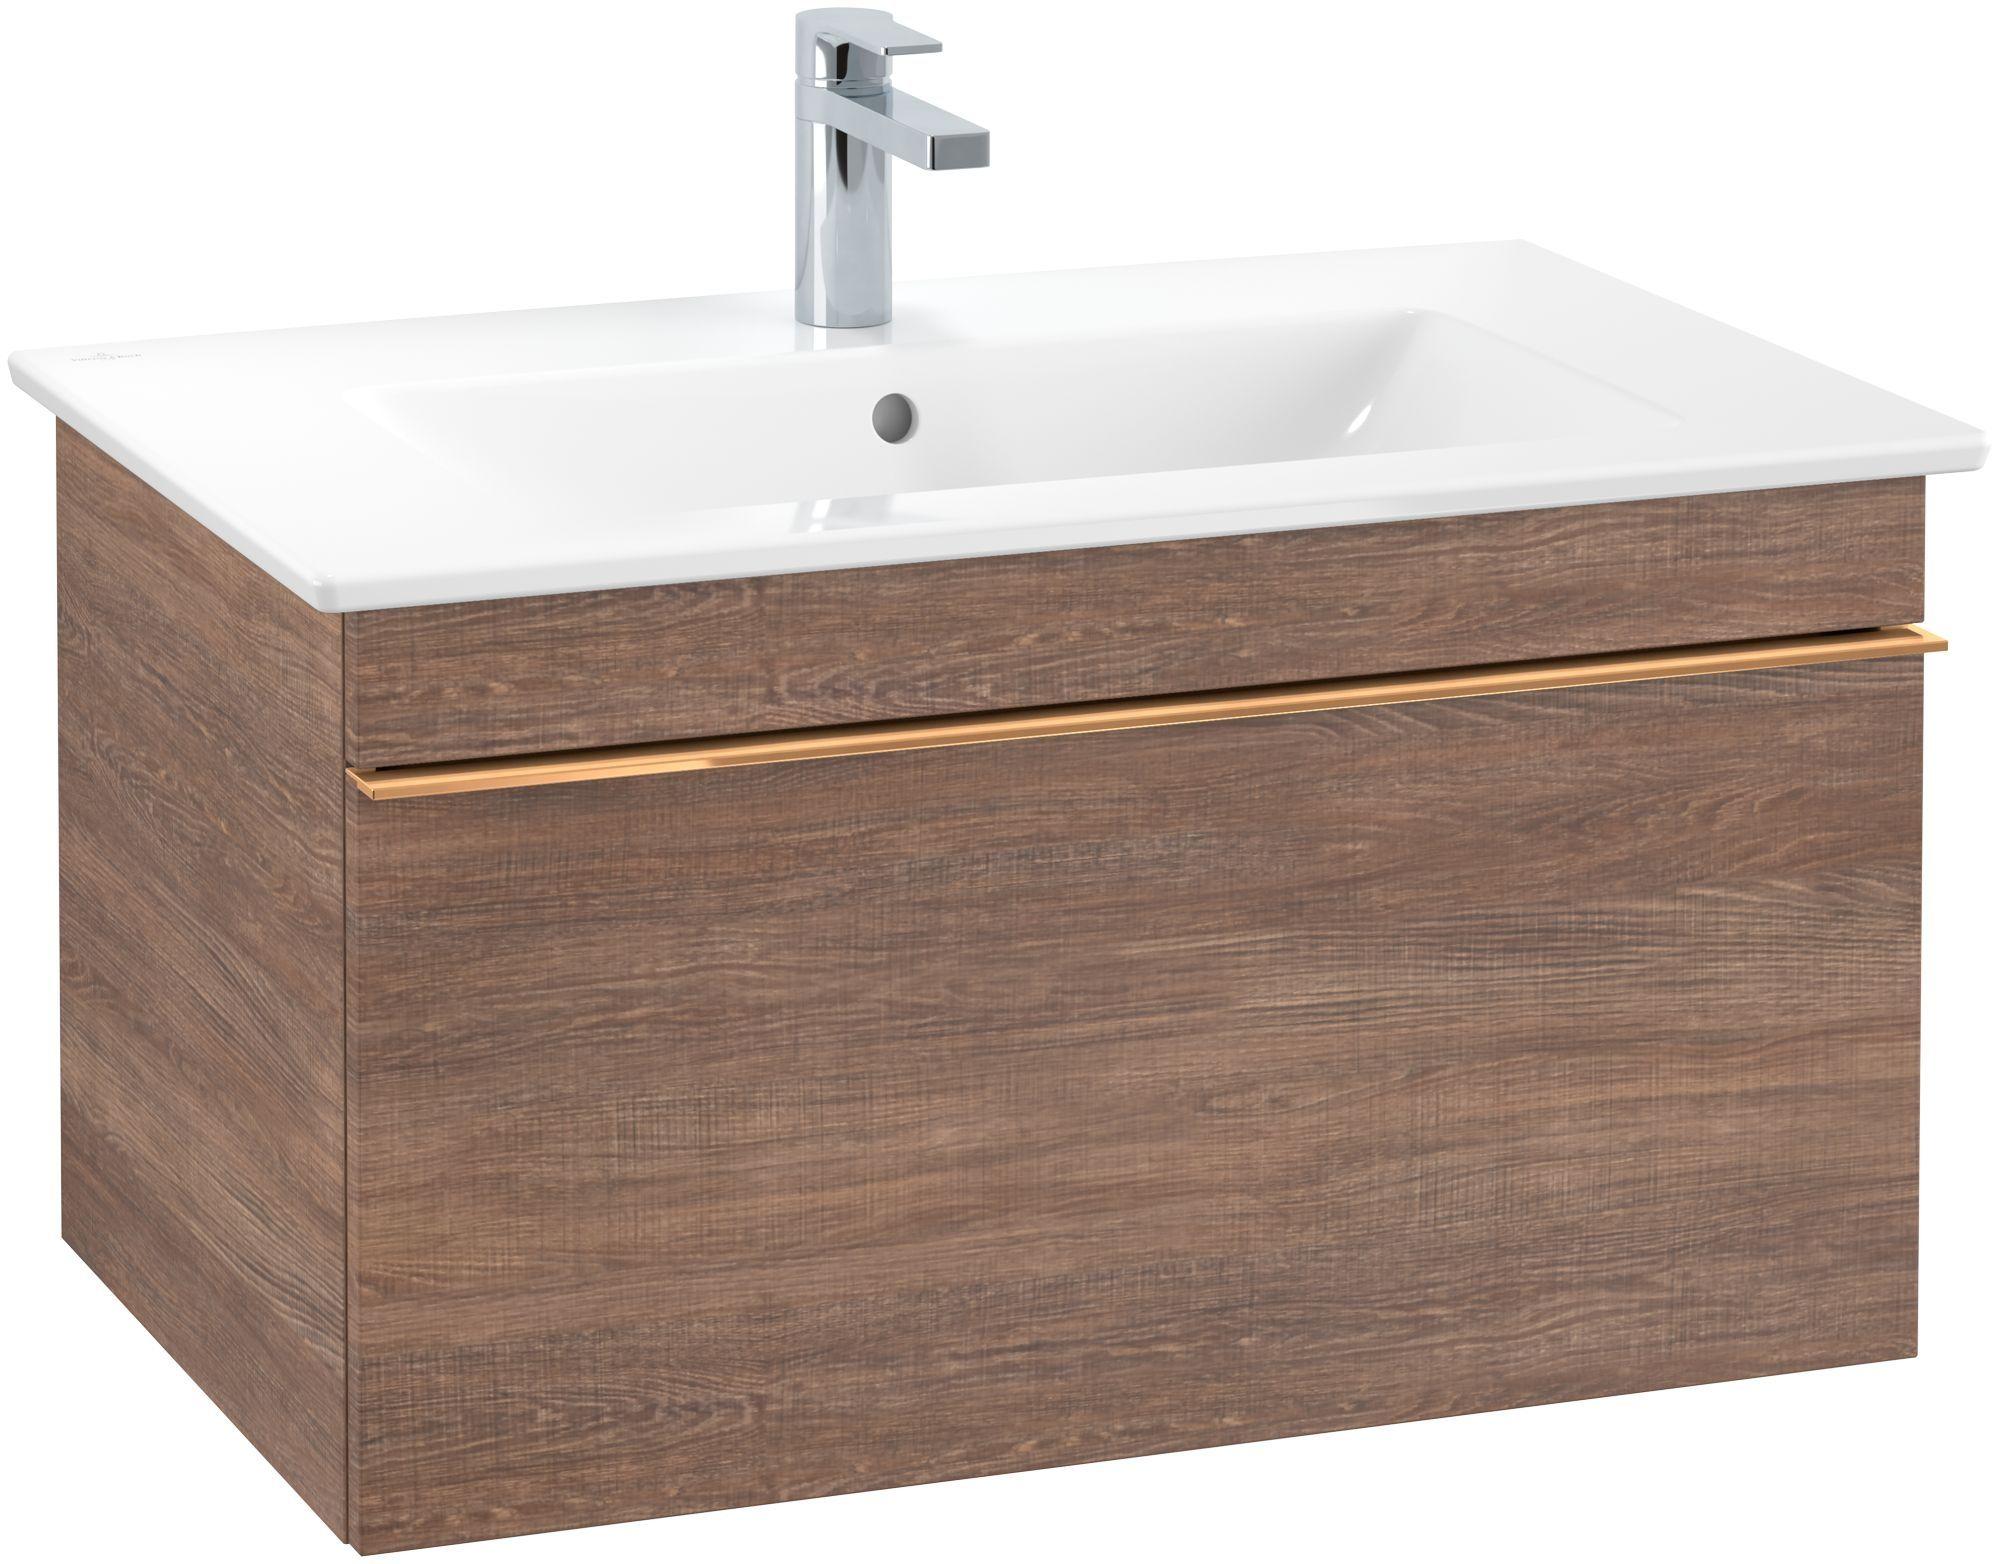 Villeroy & Boch Venticello Waschtischunterschrank 1 Auszug B:75,3xH:42xT:50,2cm santana oak Griffe copper A93405E1